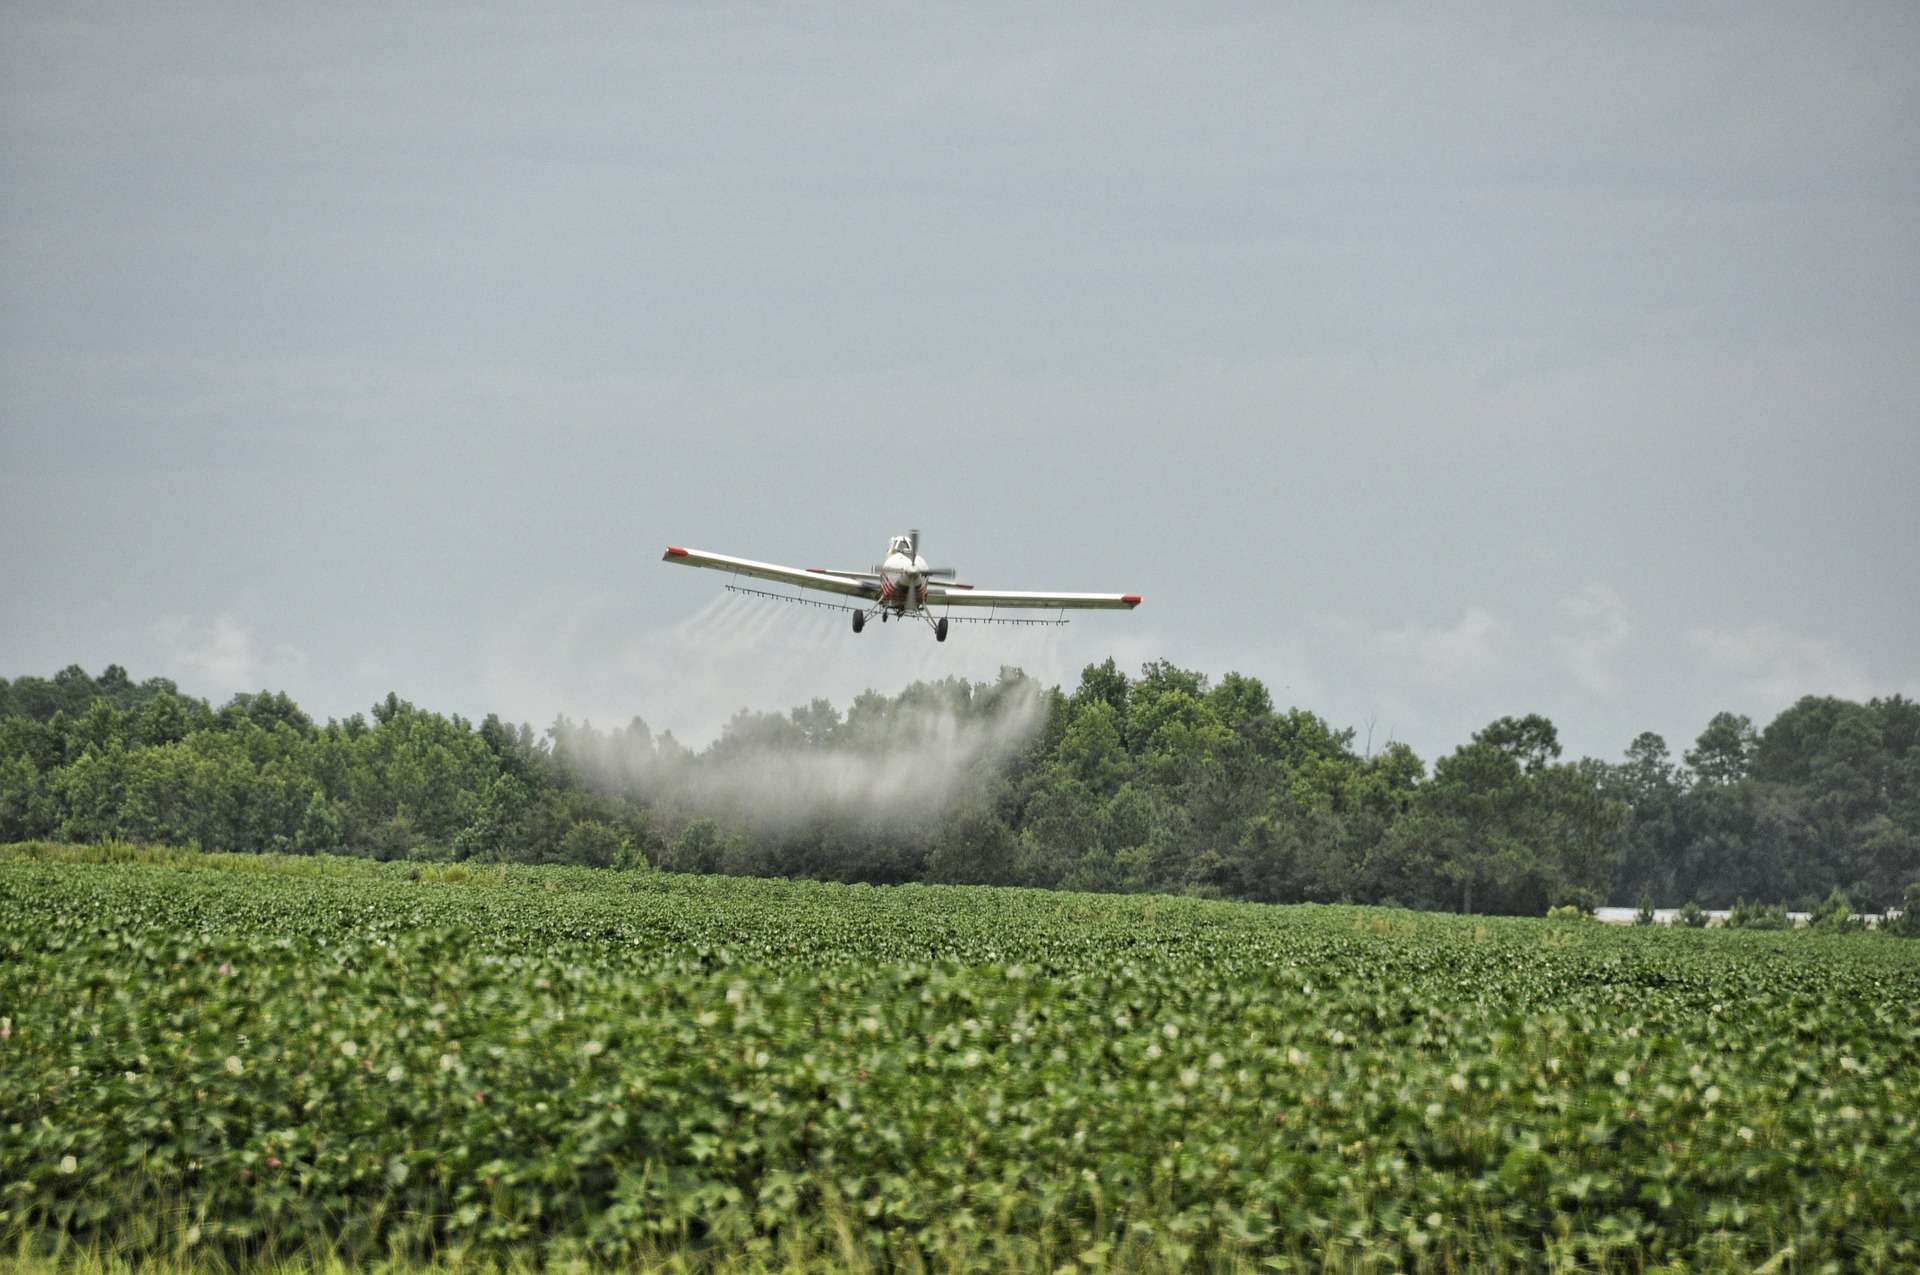 Bonne nouvelle : le Conseil Constitutionnel ne cède pas au lobby des pesticides